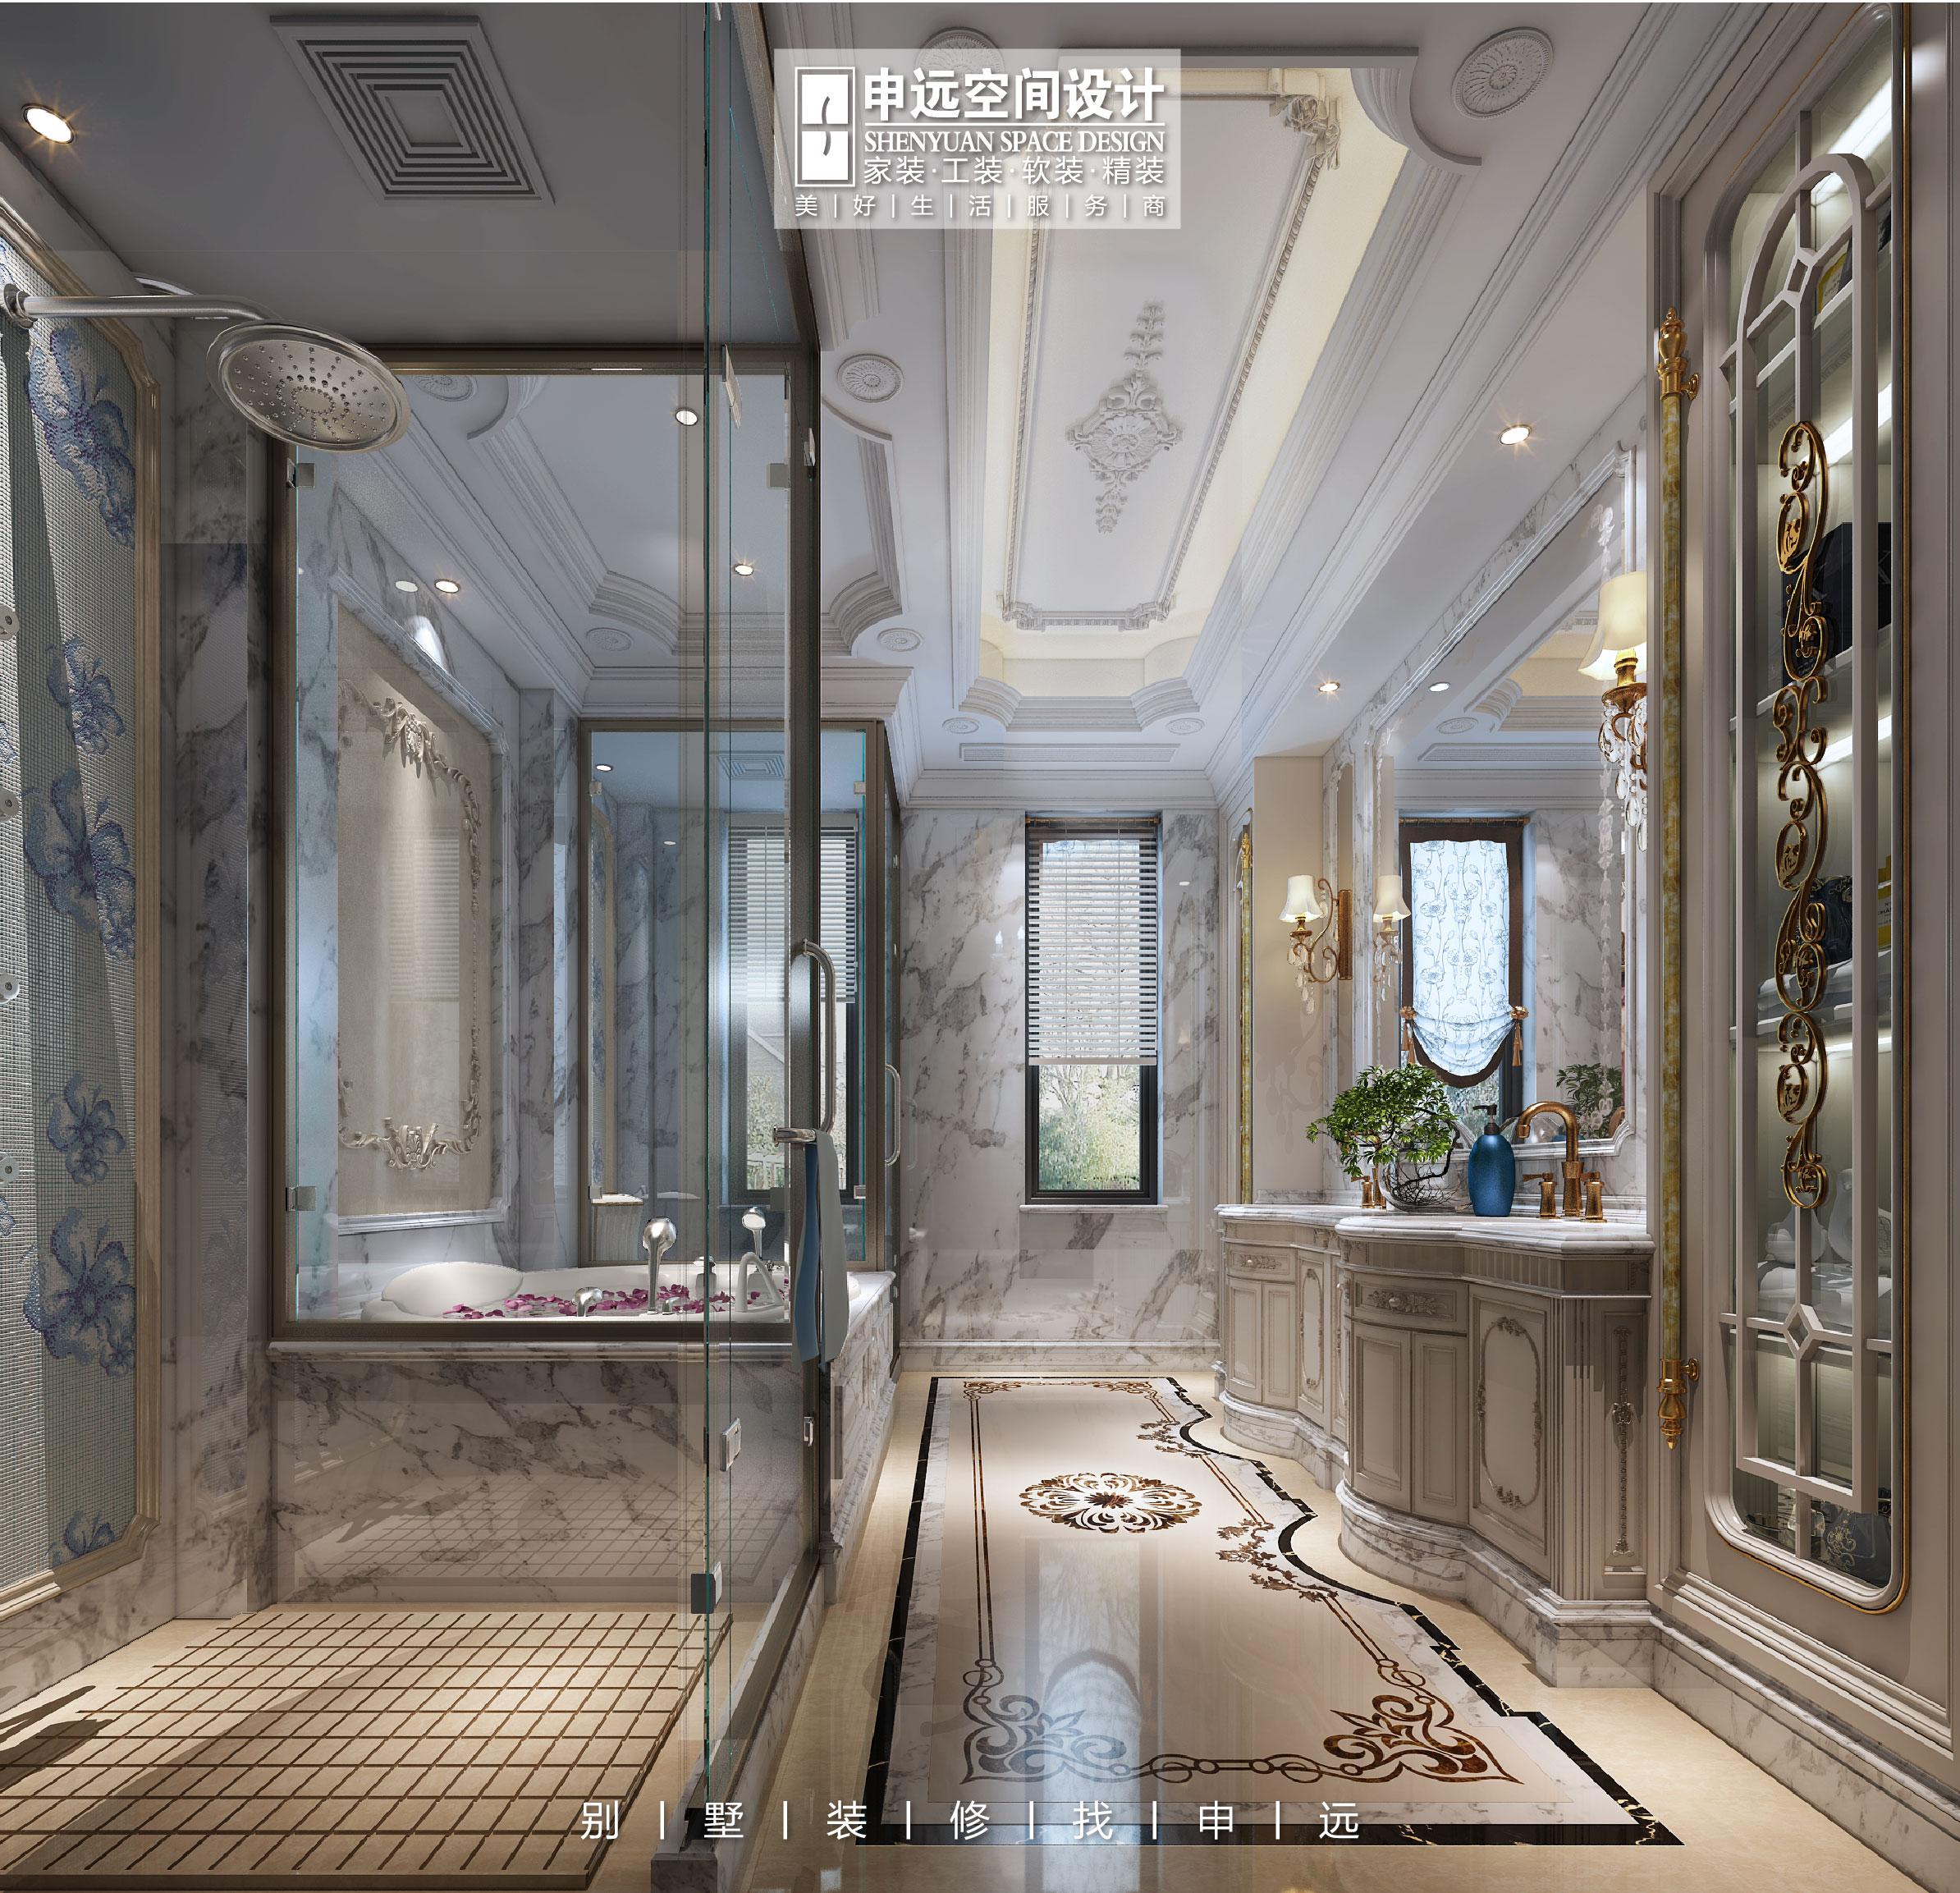 北京申远 别墅装修 装修设计 卫生间图片来自申远空间设计北京分公司在北京申远空间设计-法式轻奢的分享